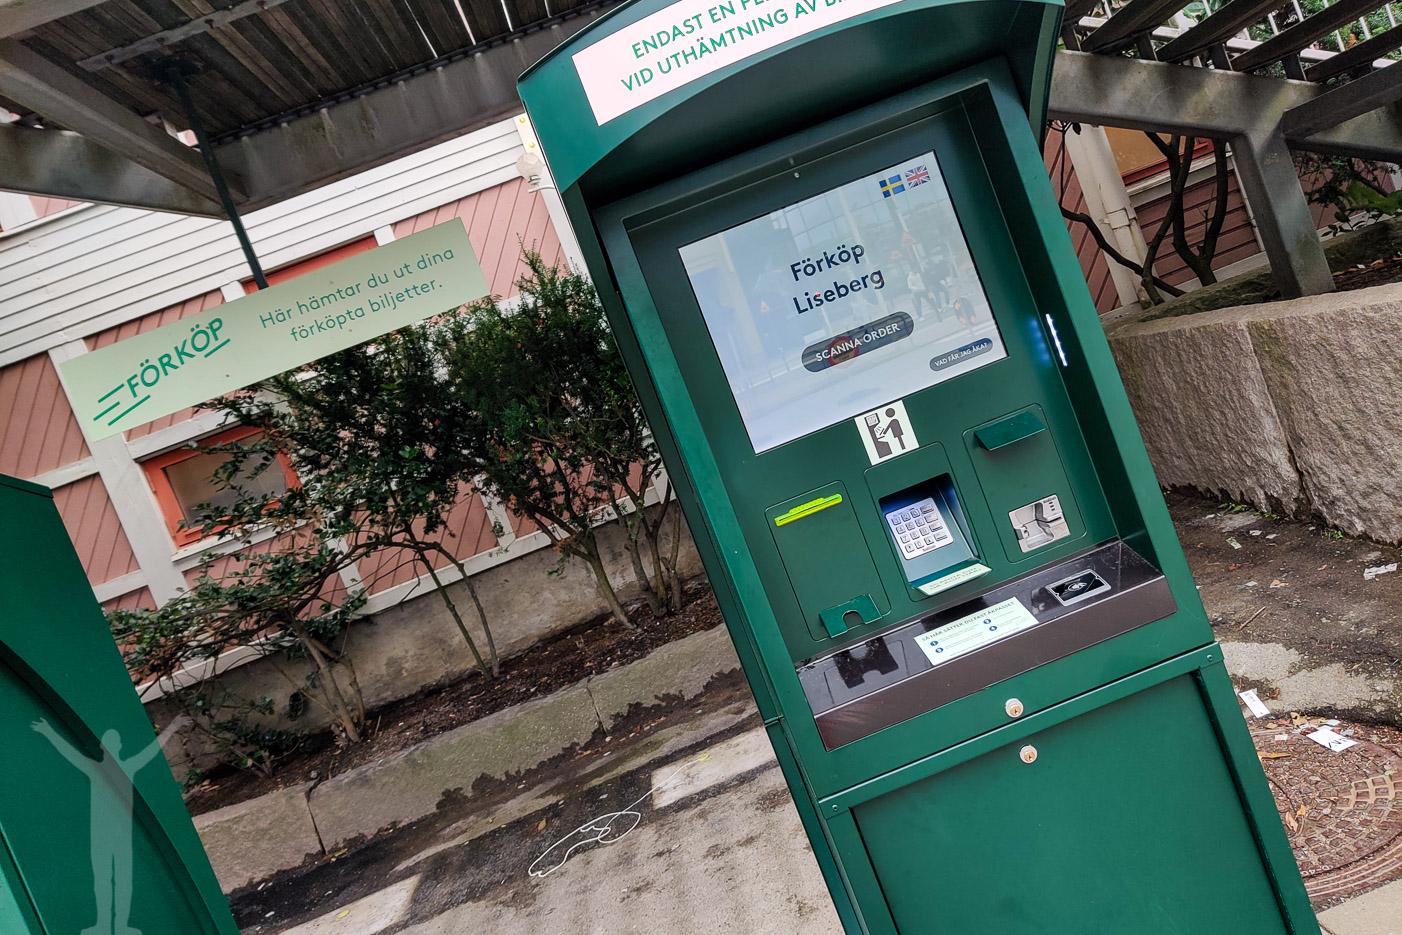 Biljettautomat där man hämtar sina förköpta biljetter